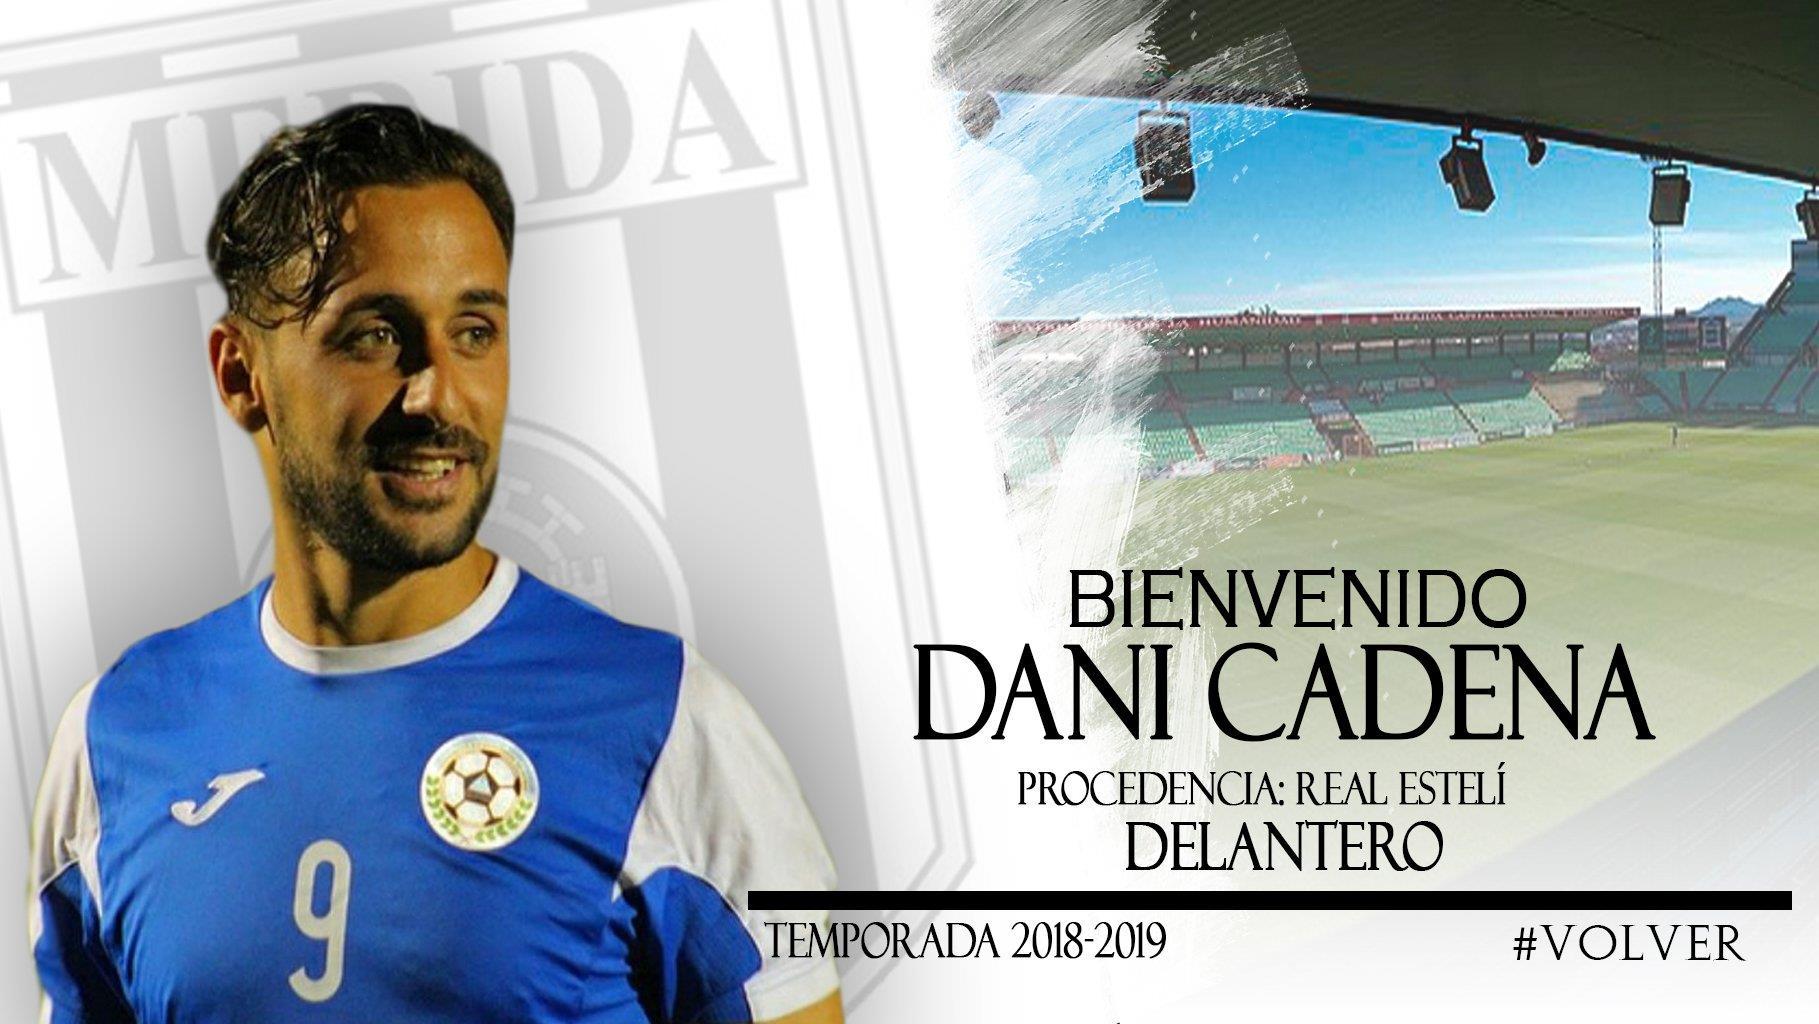 El Mérida anuncia el fichaje de Dani Cadena